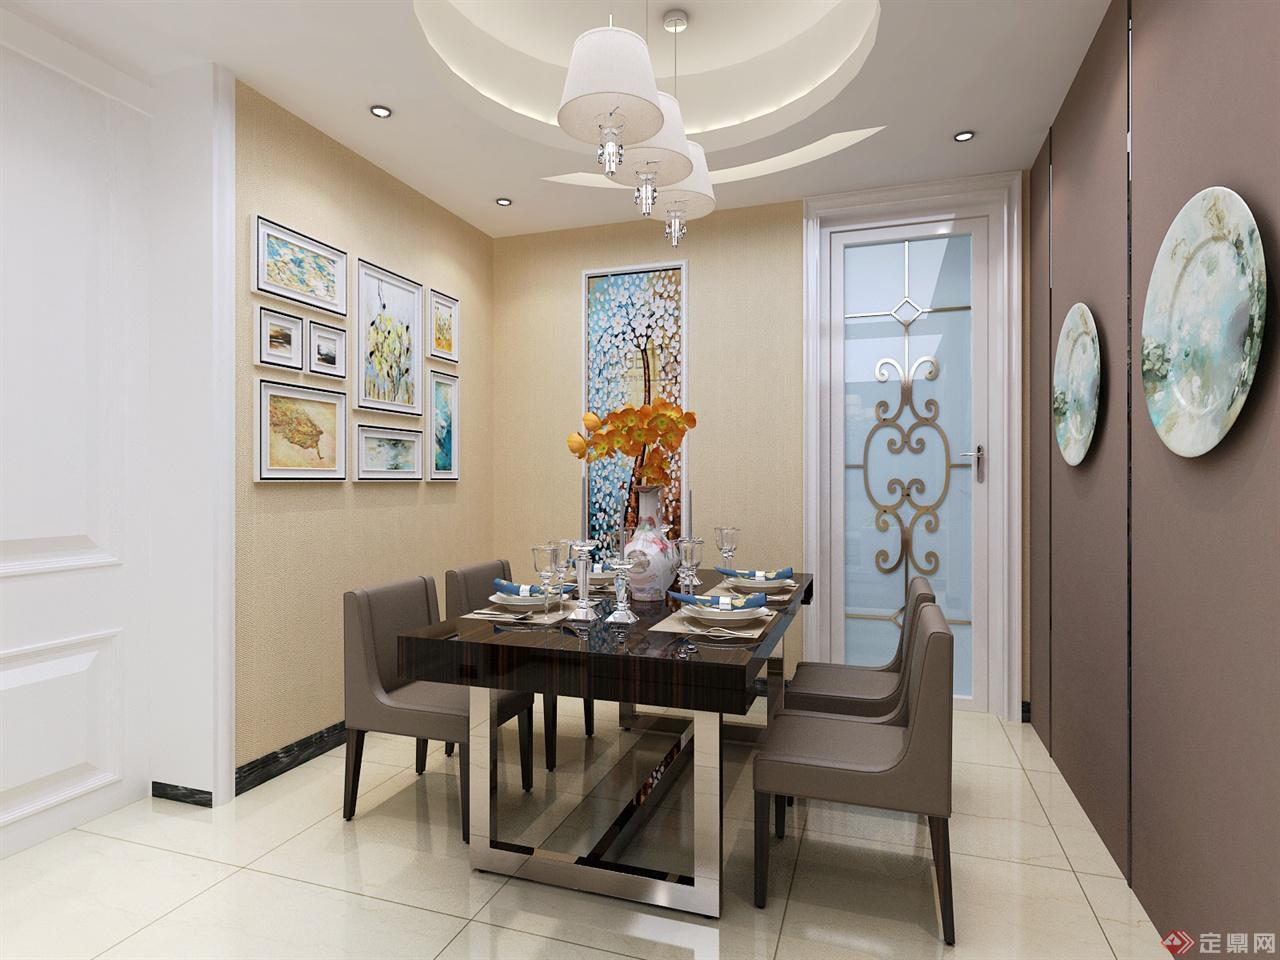 大理现代温馨婚房-佳铖室内设计工作室